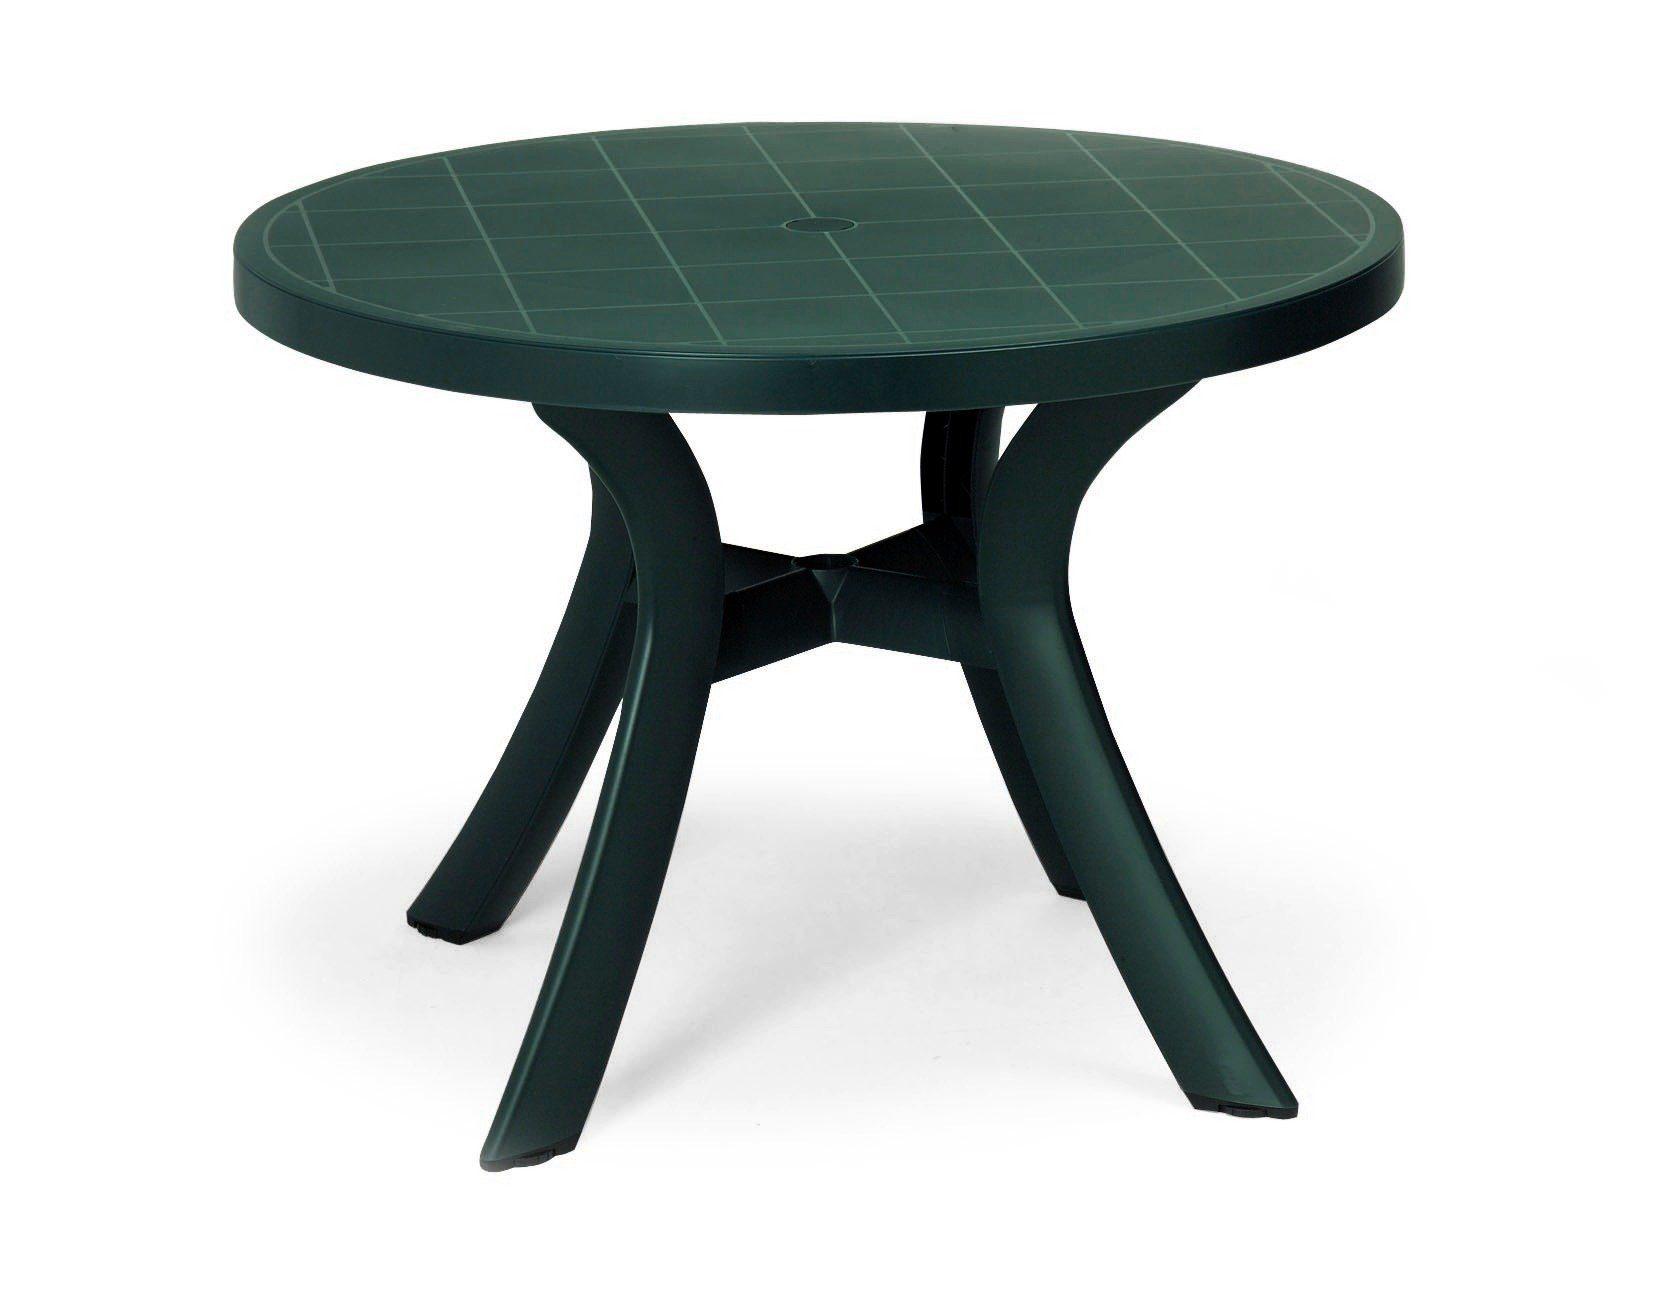 BEST Gartentisch »Kansas«, Kunststoff, Ø 100 cm, grün